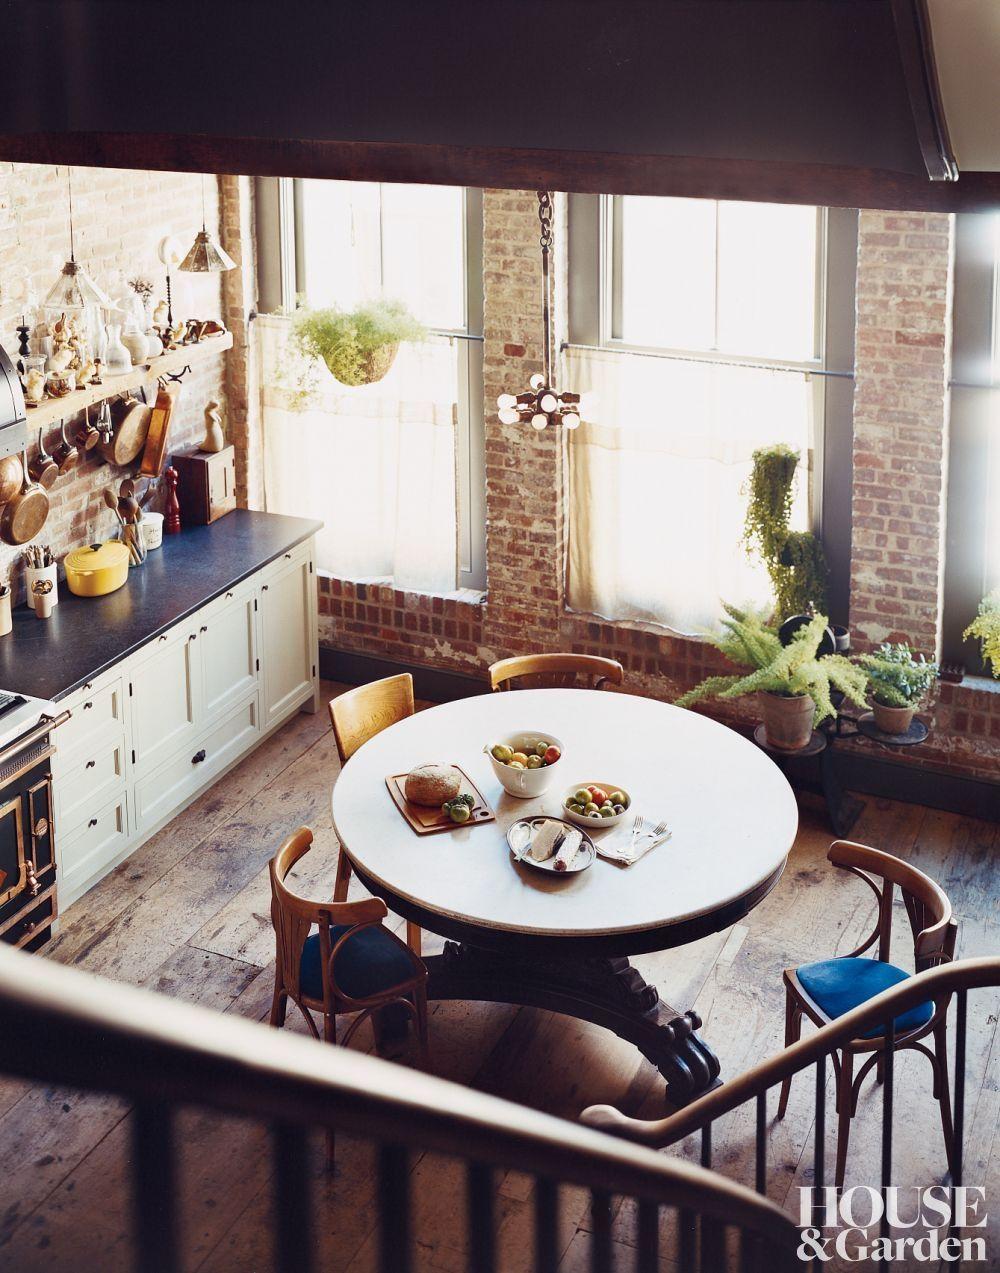 die besten 25 marmor tisch ideen auf pinterest esstisch marmor esstisch und esstisch beine. Black Bedroom Furniture Sets. Home Design Ideas